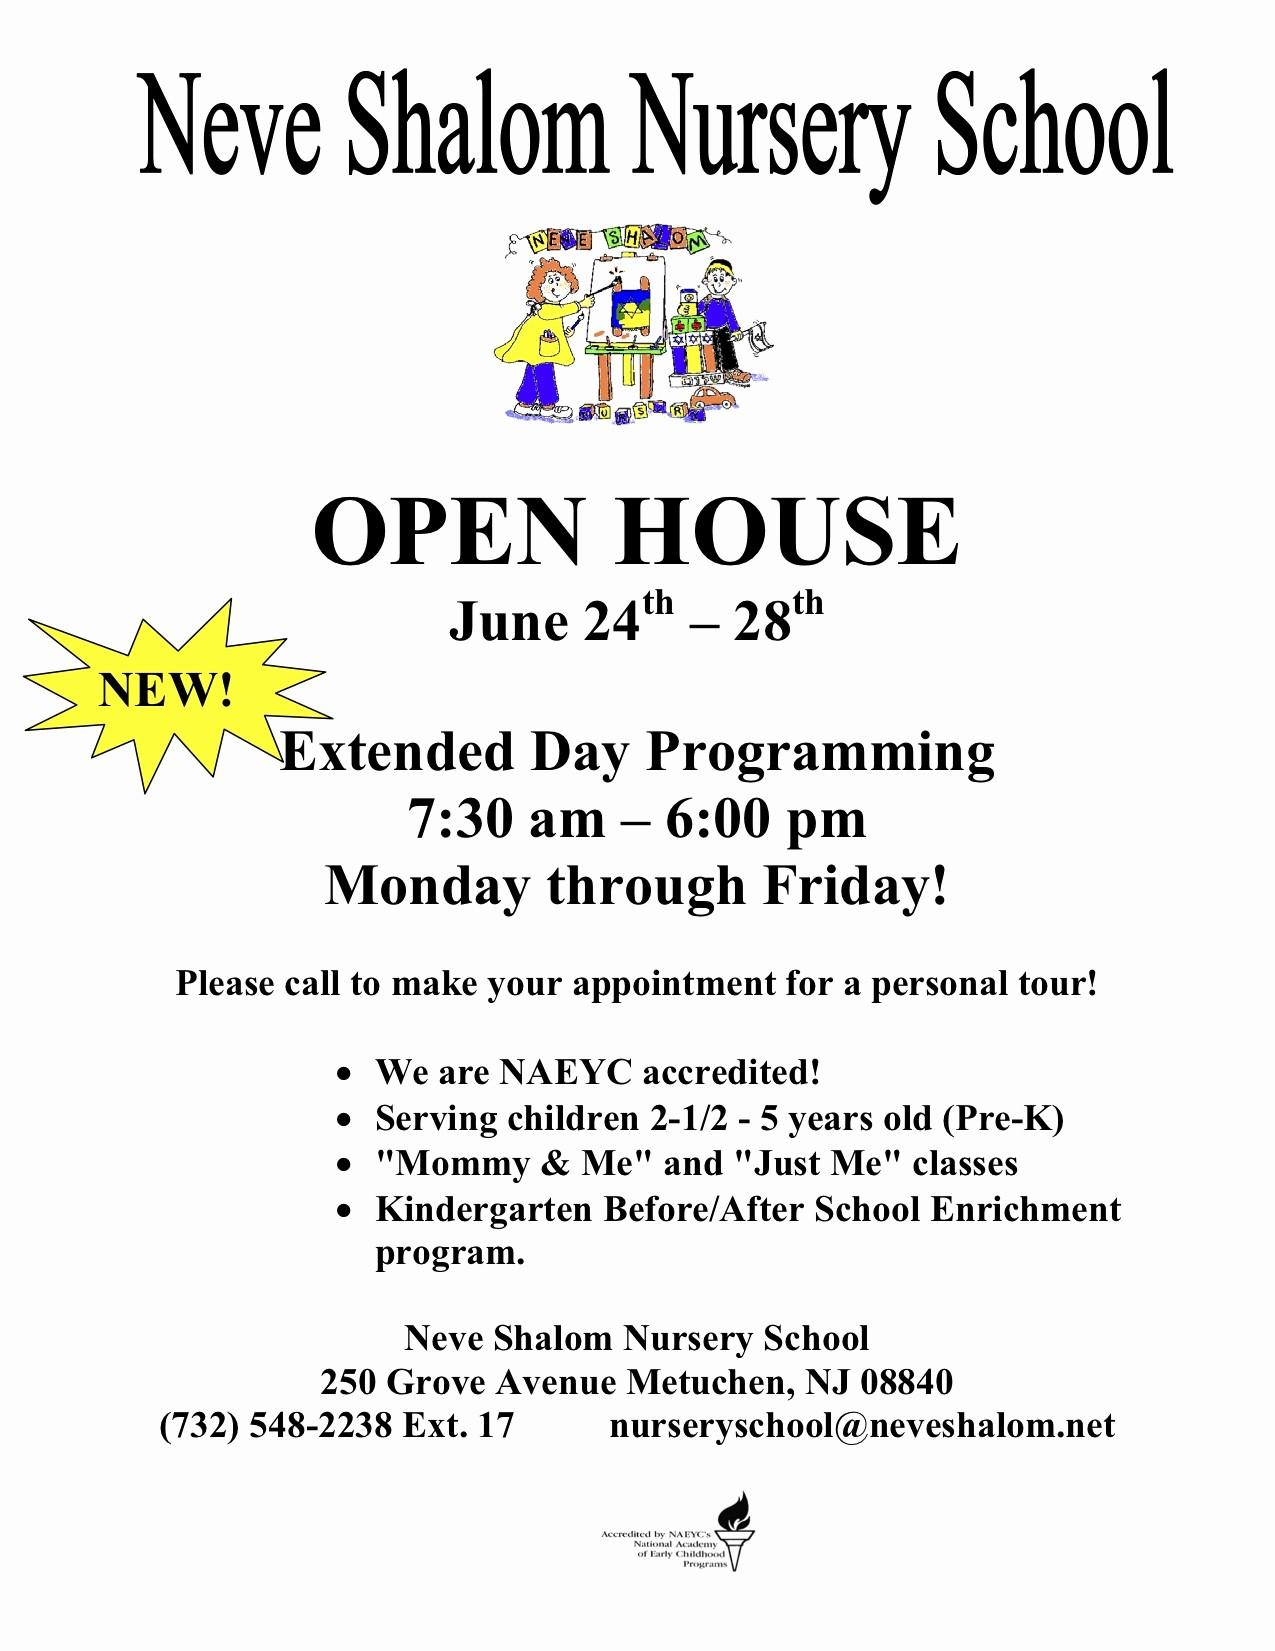 Open House Flyer for School Beautiful School Open House Flyer Template Portablegasgrillweber